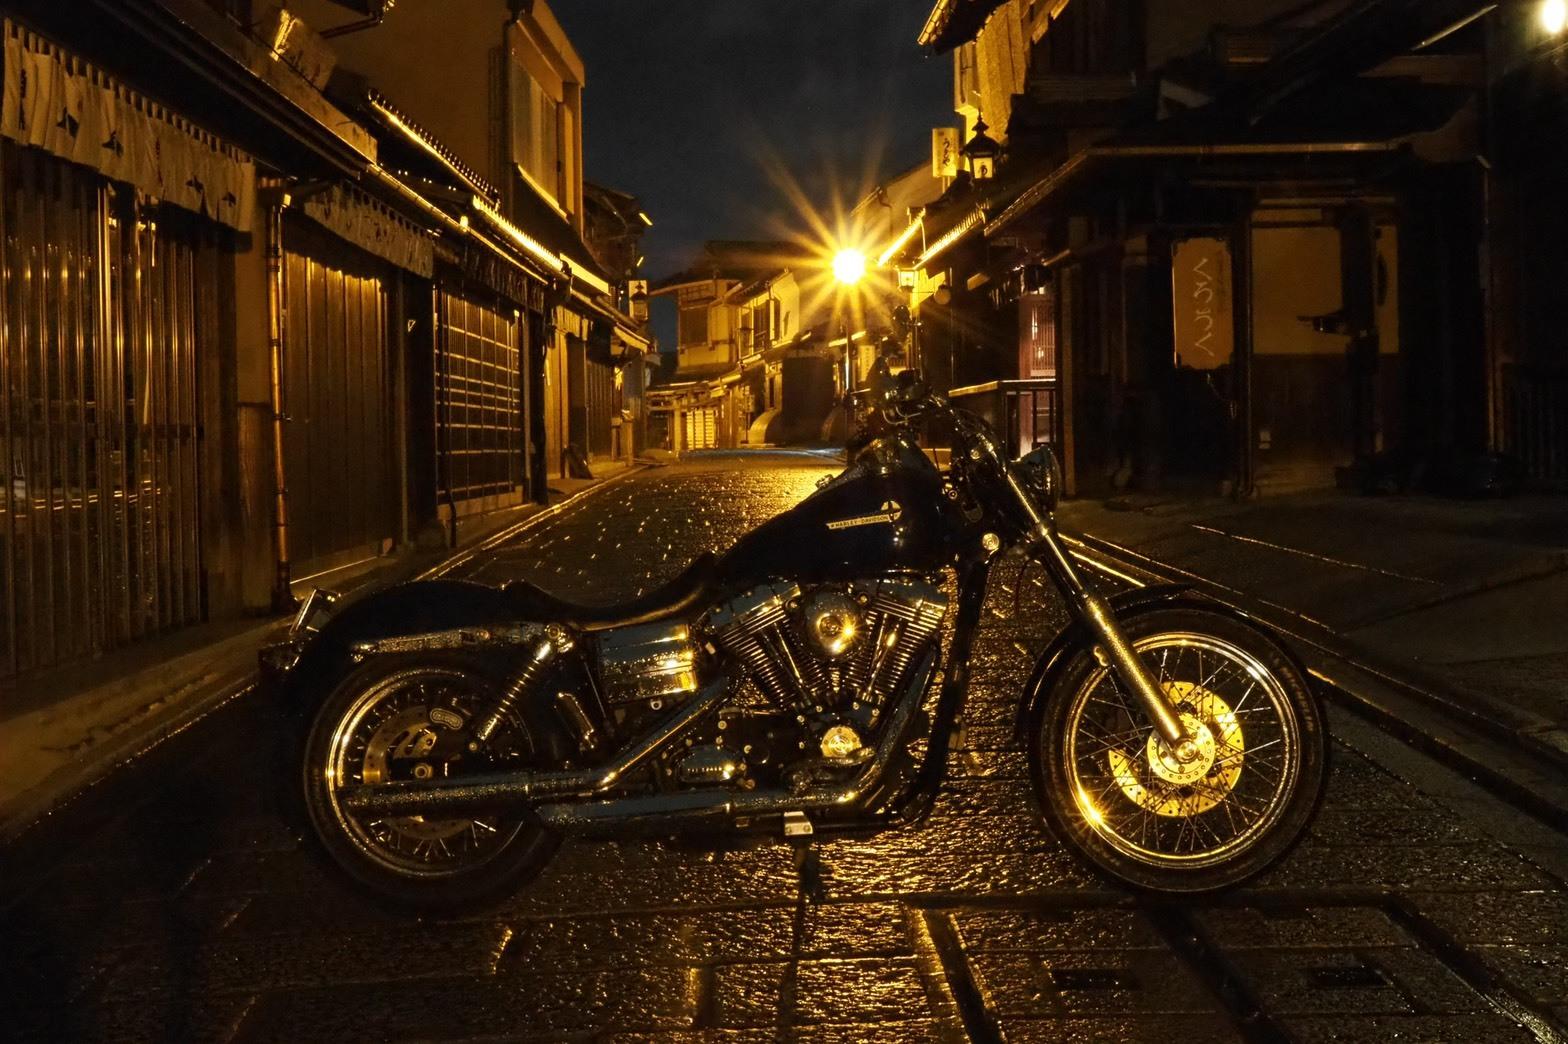 ぴーきちハーレーブログ 京都ナイトツーリング 三年坂 産寧坂 夜景 古い通り 歴史街道